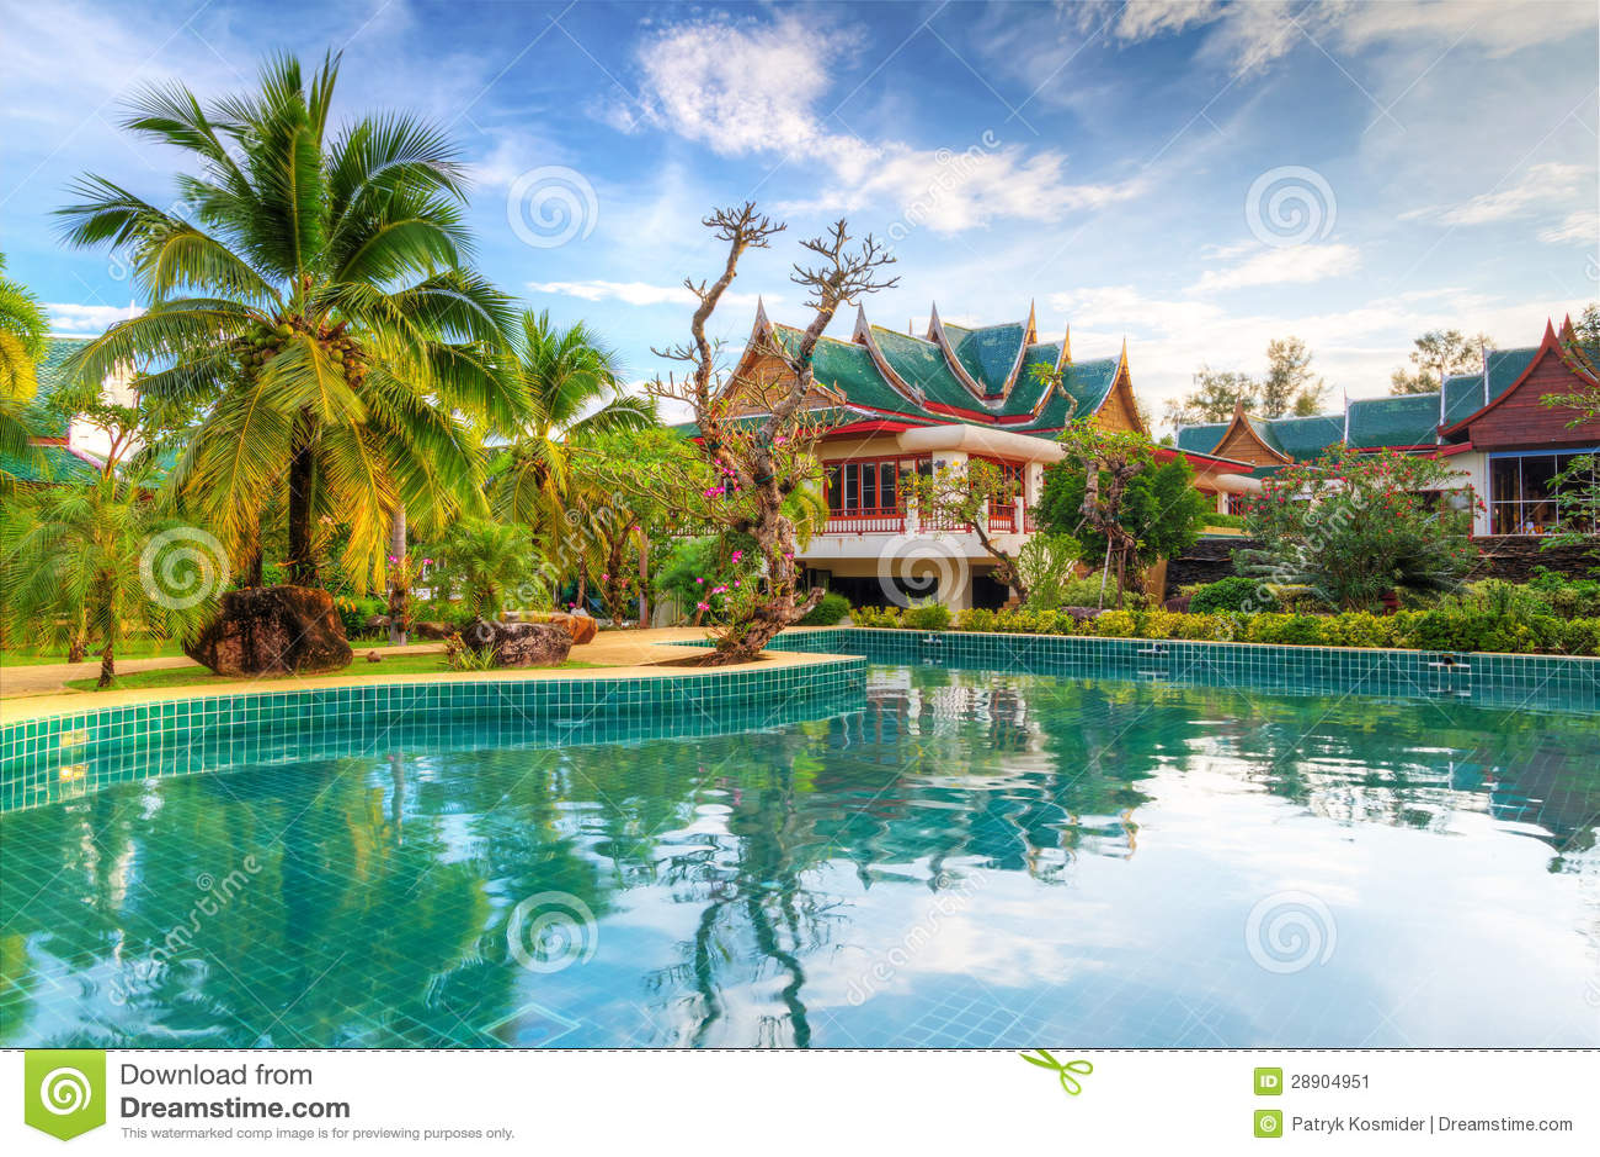 在泰国的热带风景的游泳池.